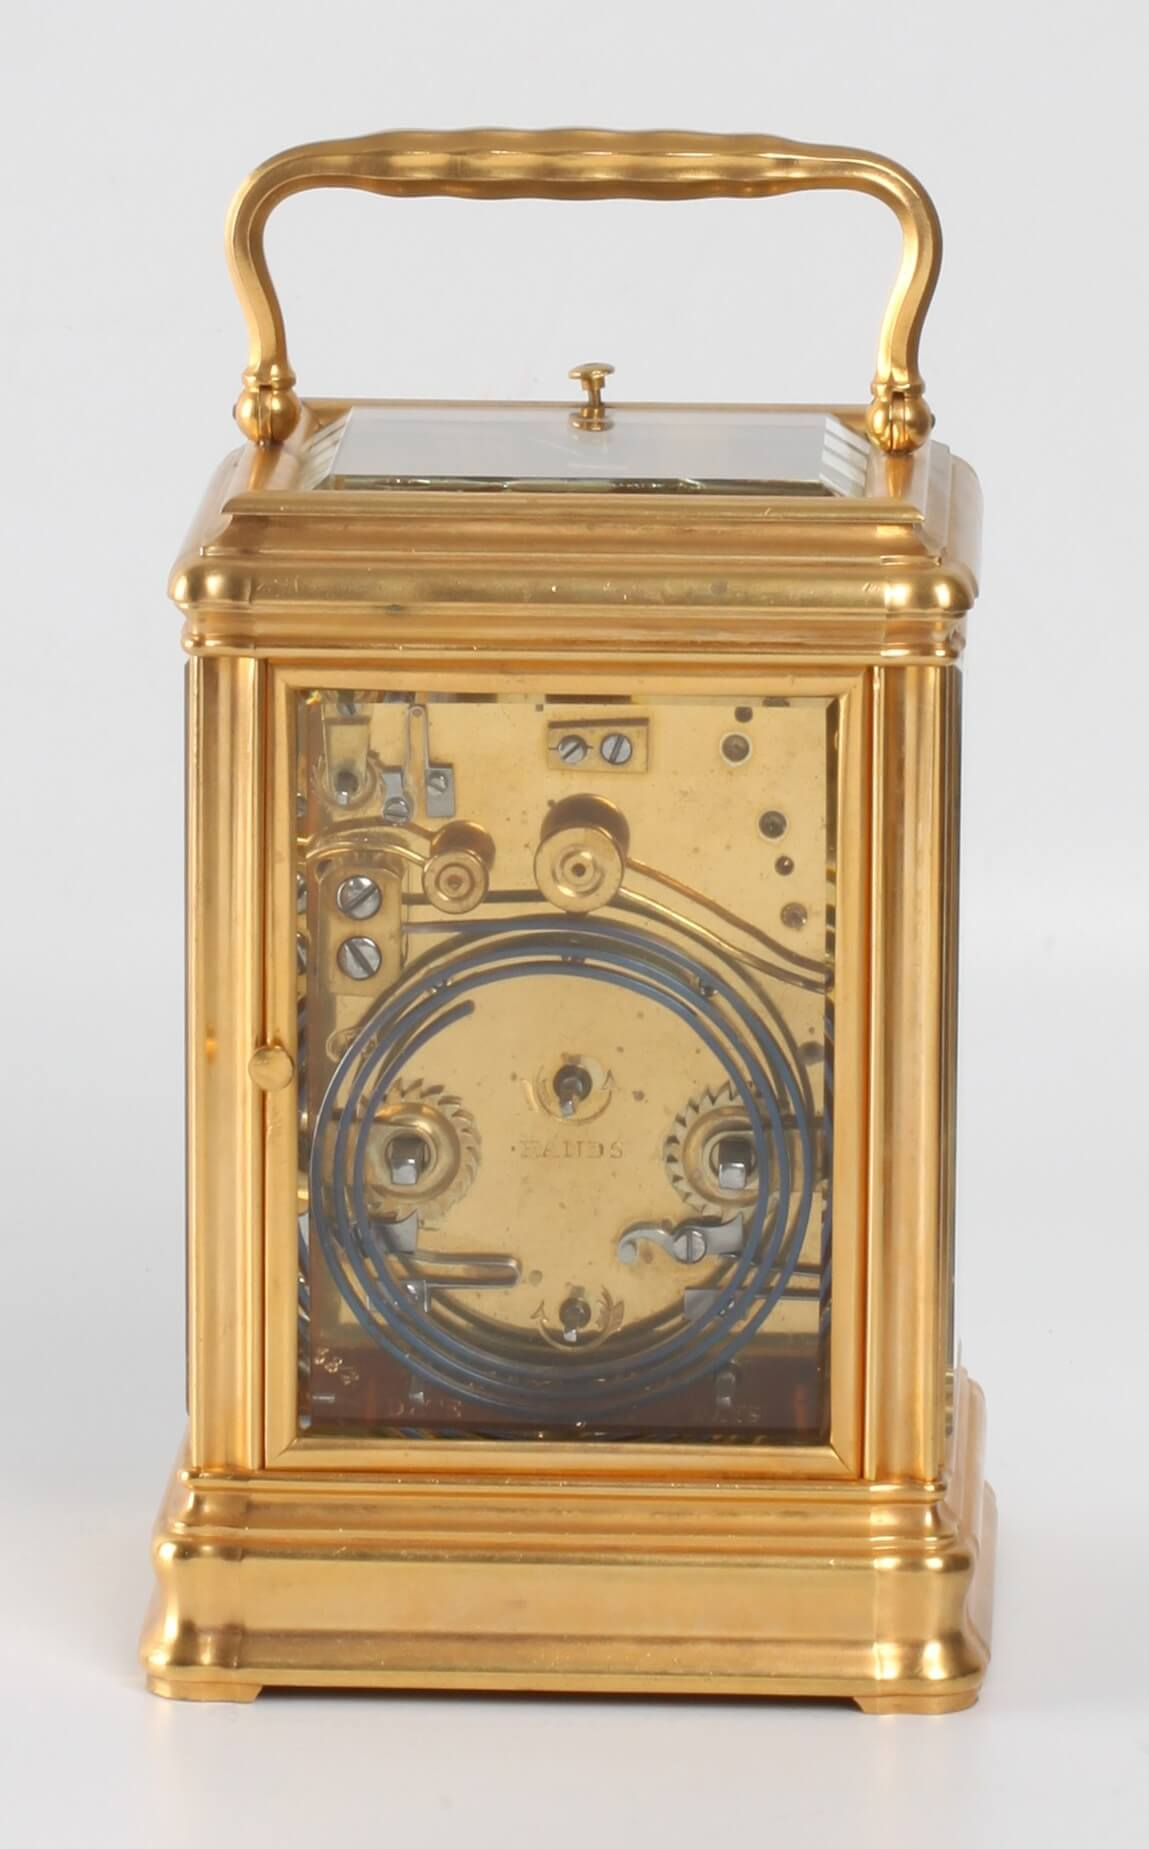 French gilt gorge carriage clock calendar Rodanet 1890